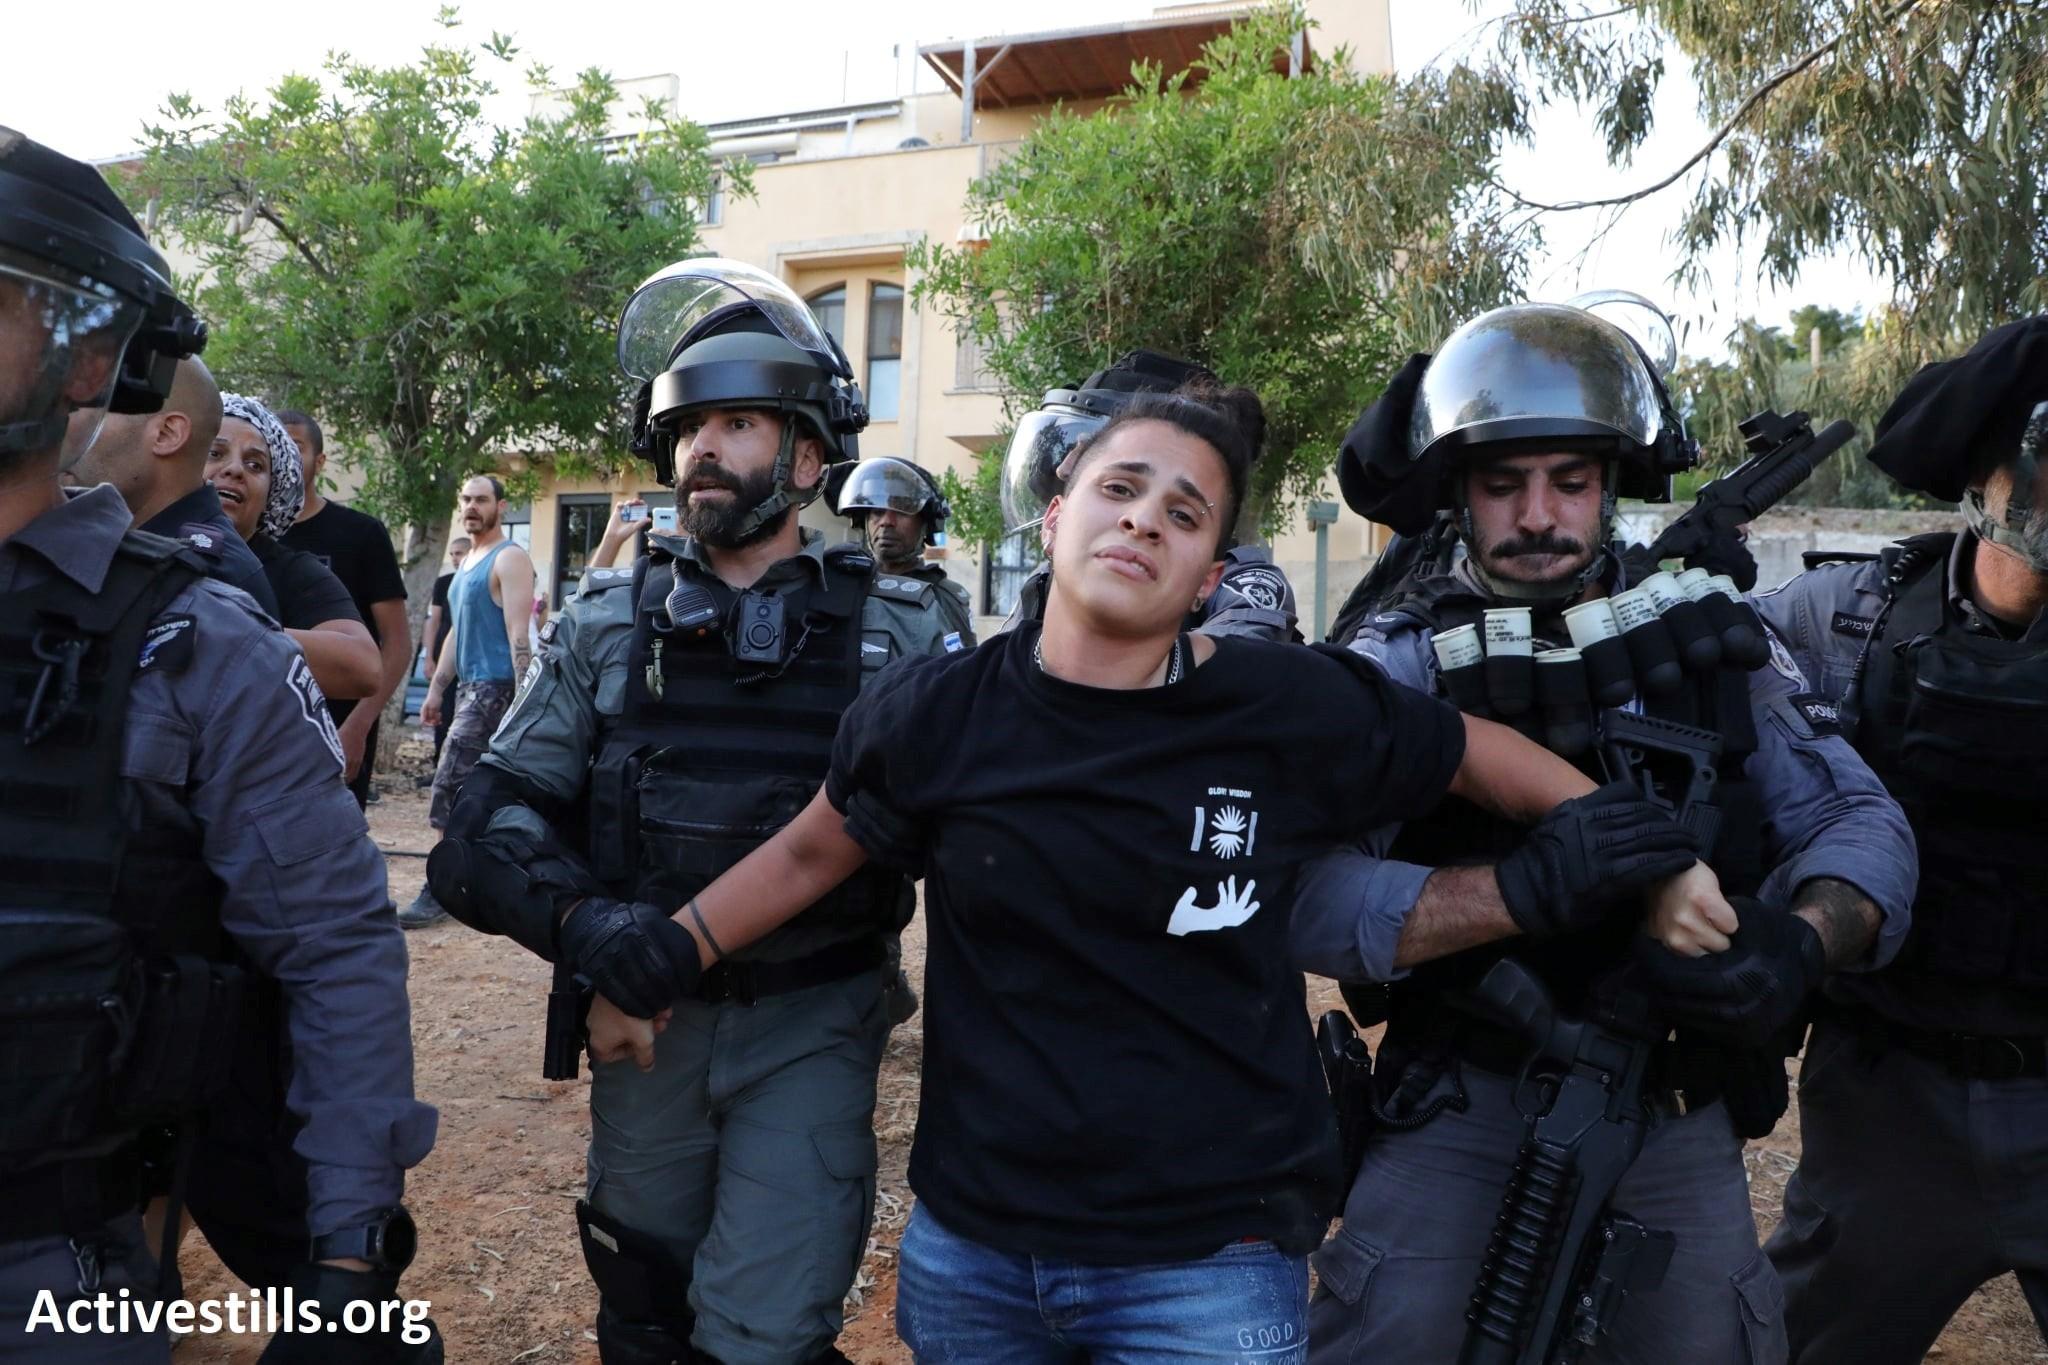 המחאה ונקמת ממשלת הימין: מאות צעירים ערבים נעצרו בימים האחרונים